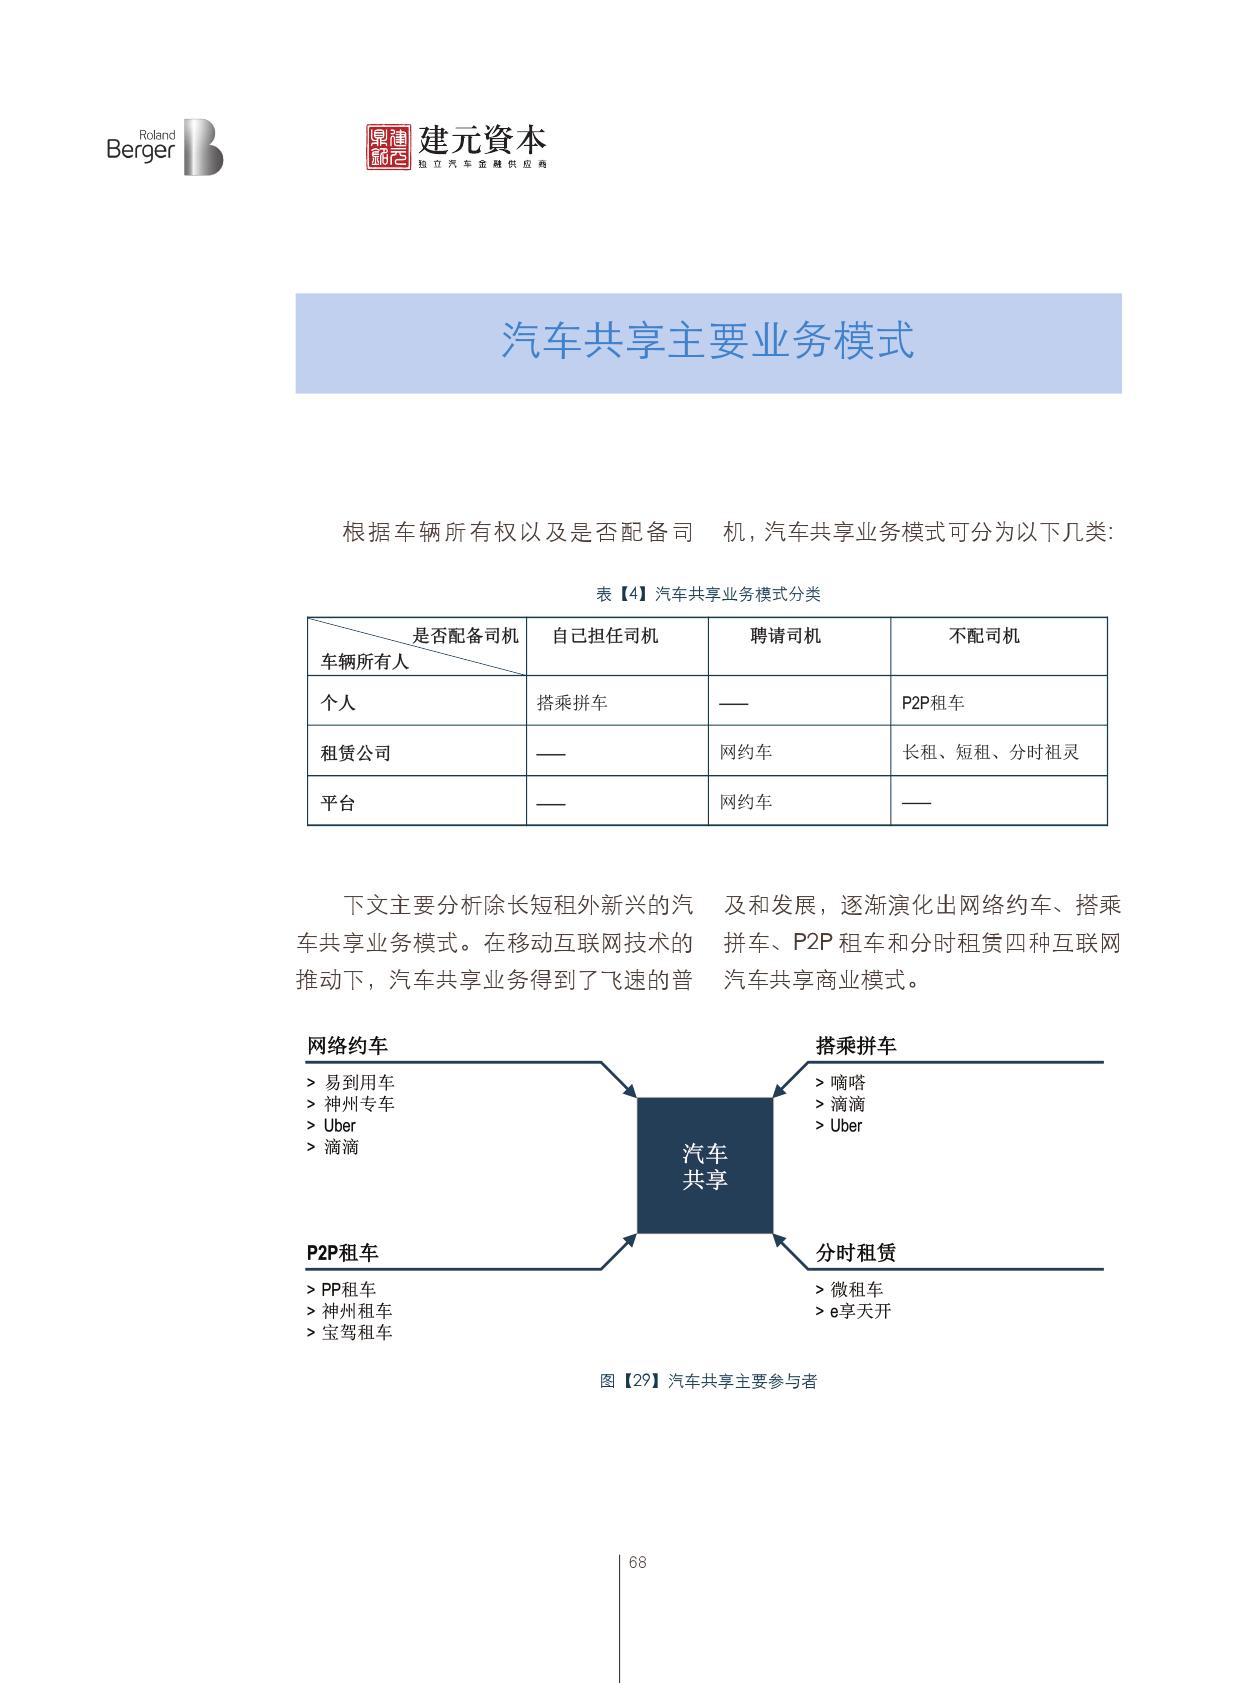 2016中国汽车金融报告_000069